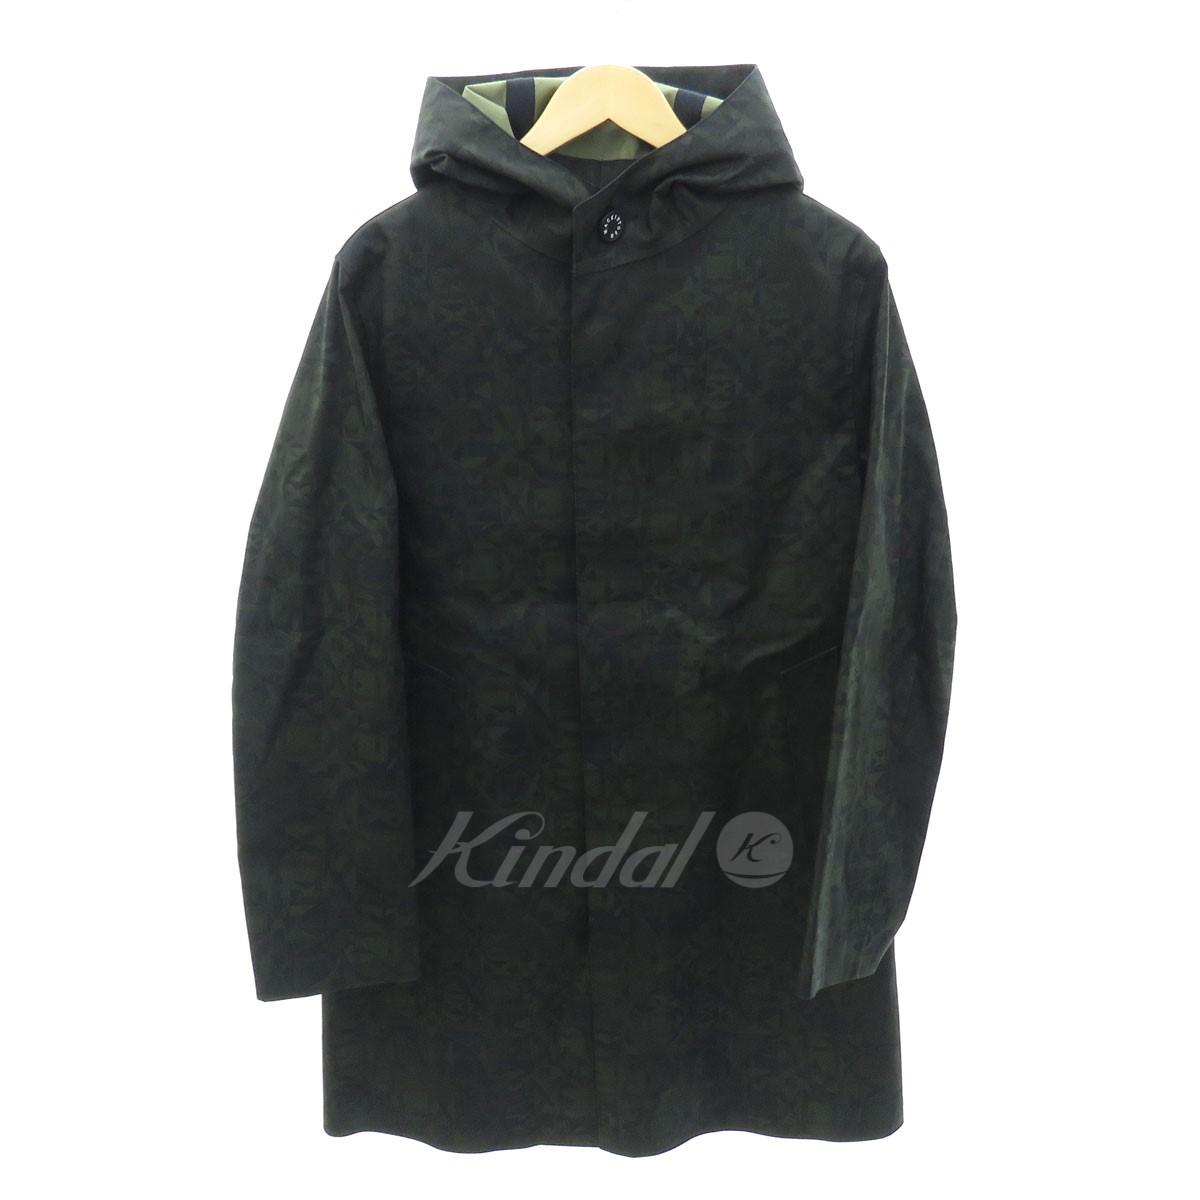 【中古】MACKINTOSH LONDON 18AW 総柄フーデッドコート オリーブ×ブラック サイズ:38 【送料無料】 【300918】(マッキントッシュロンドン)